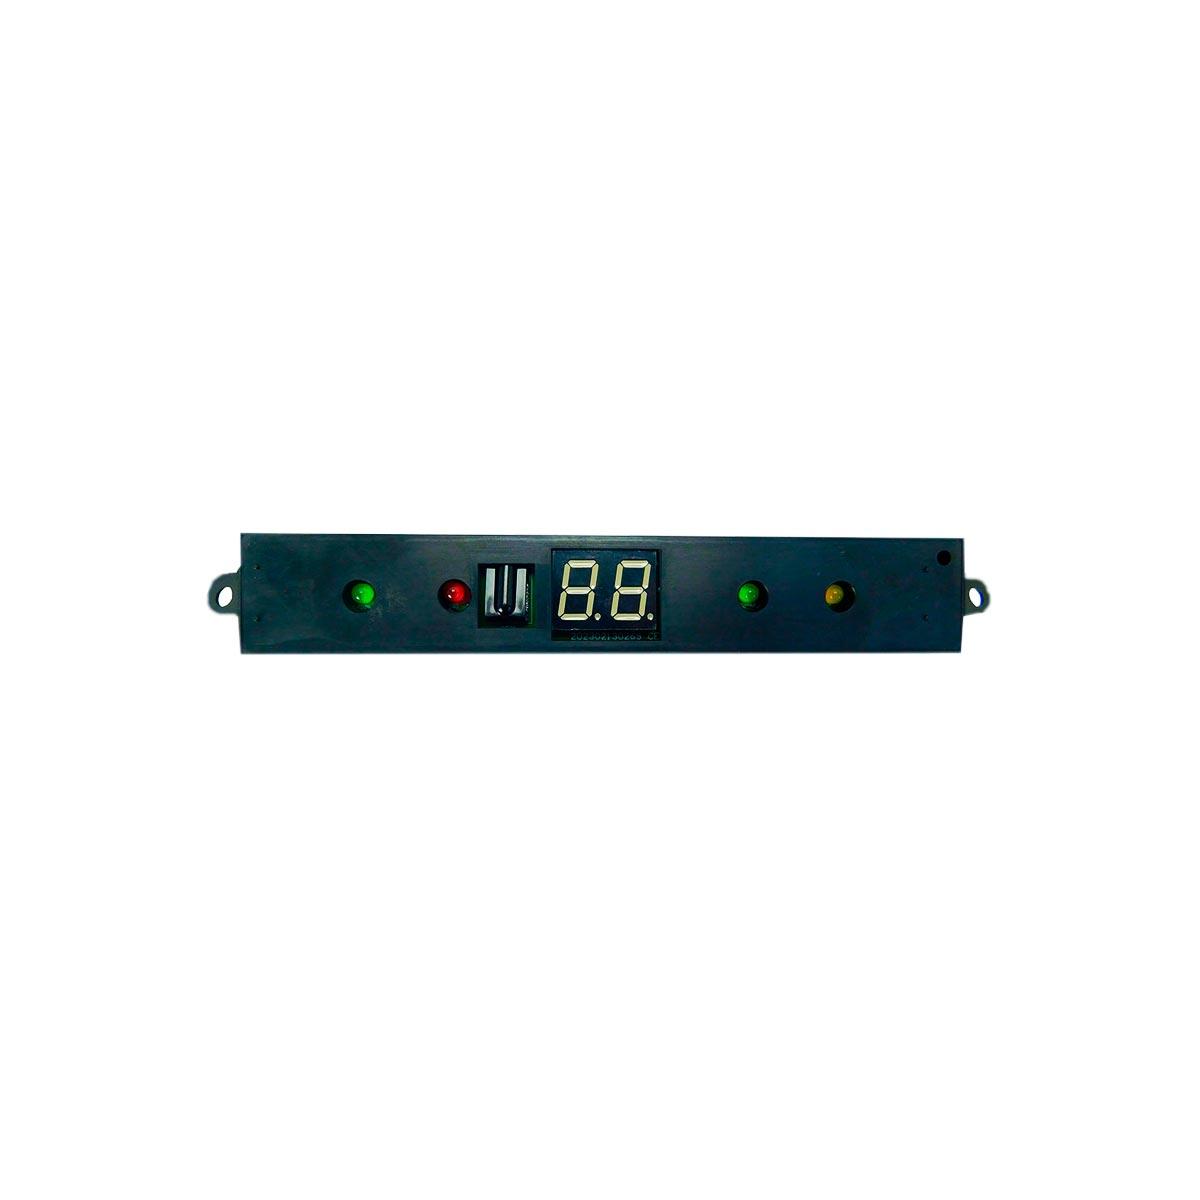 Placa Receptora Display 42RYCA009515LA 42RYCA012515LA EMSM-07CR 830210107 203332490096 Admiral